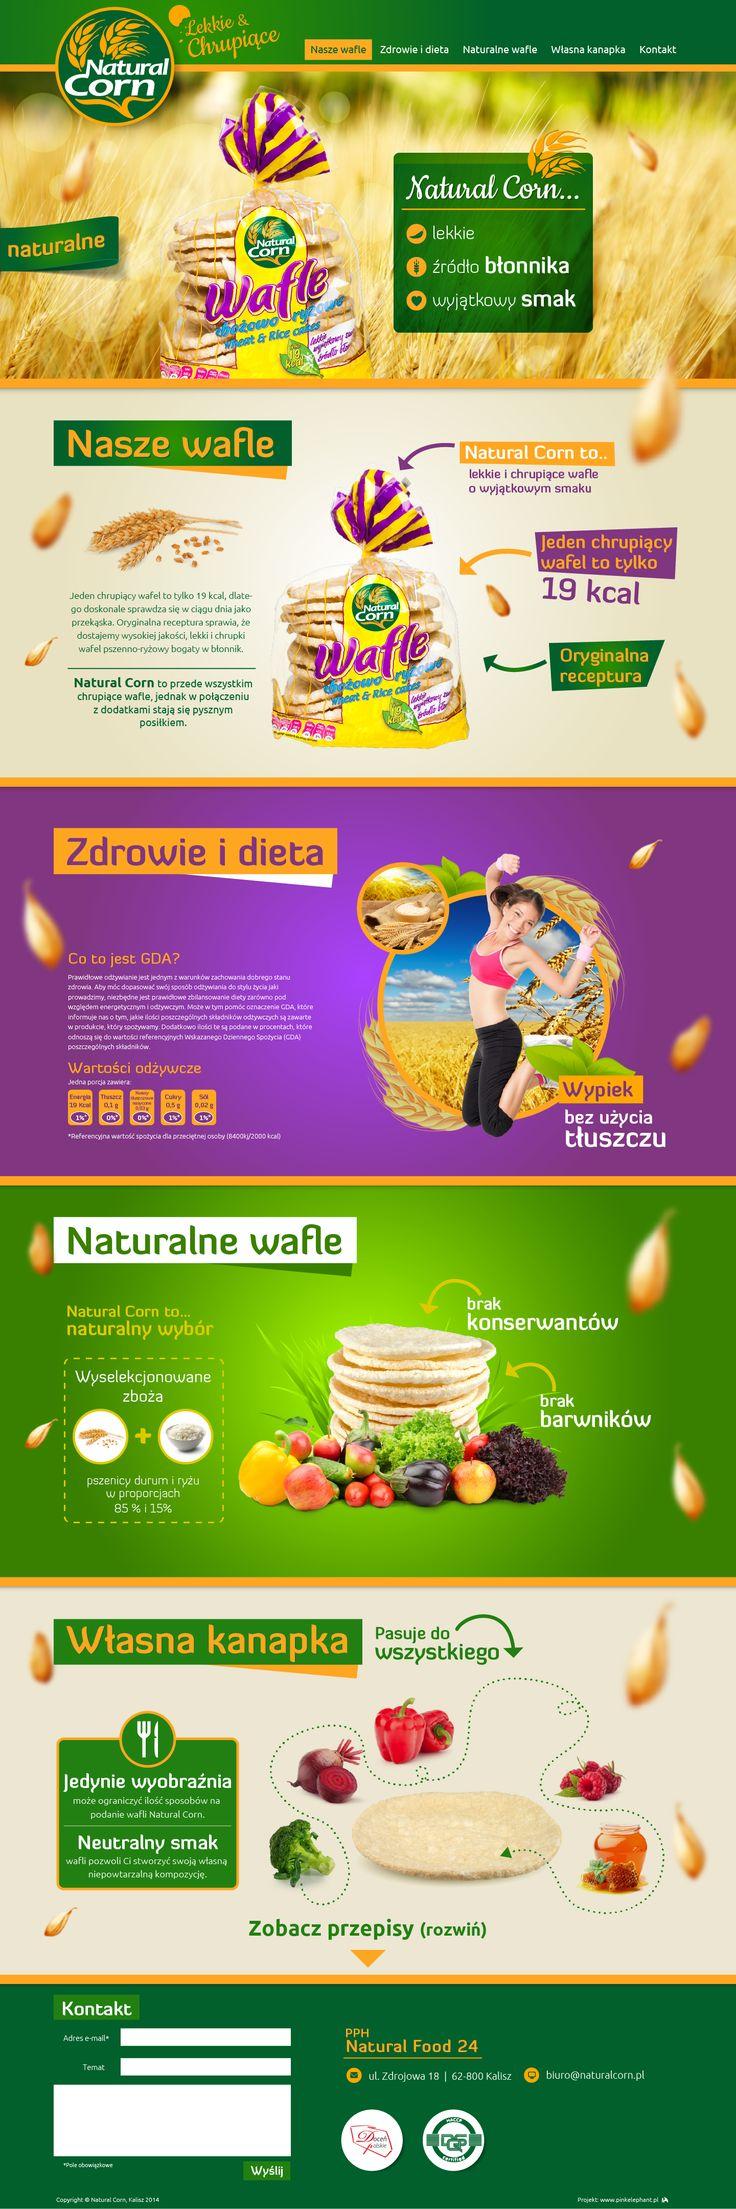 Website for Natural Corn   Design: www.pinkelephant.pl /web design /layout /portfolio /web /design